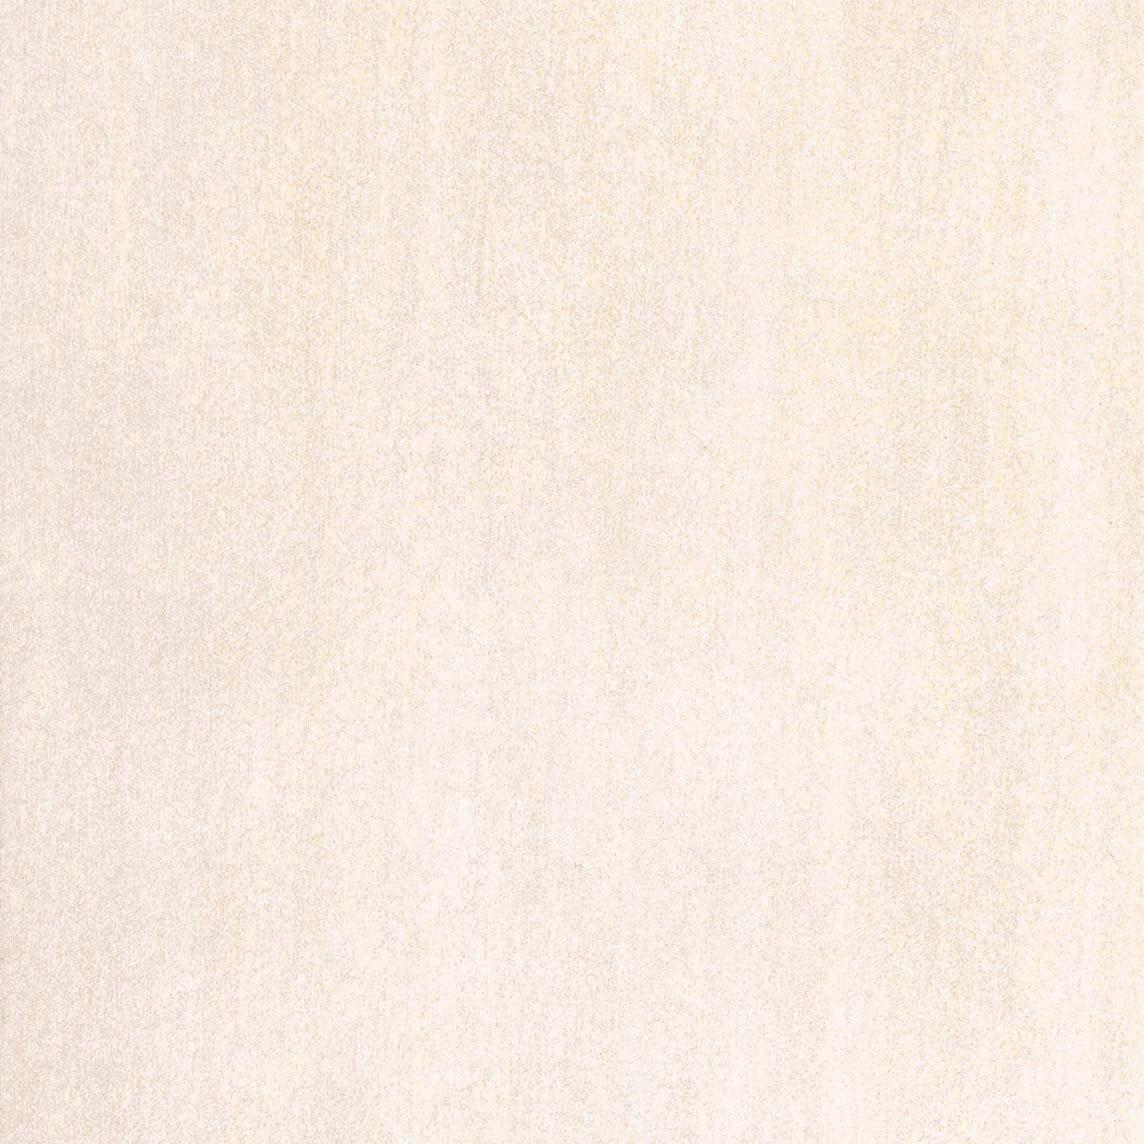 Напольная плитка Ceramika Konskie Quarzite Bianca Rekt Lap 60x60 (1,44) напольная плитка уральский гранит грес 60x60 шоколад полированный 60x60